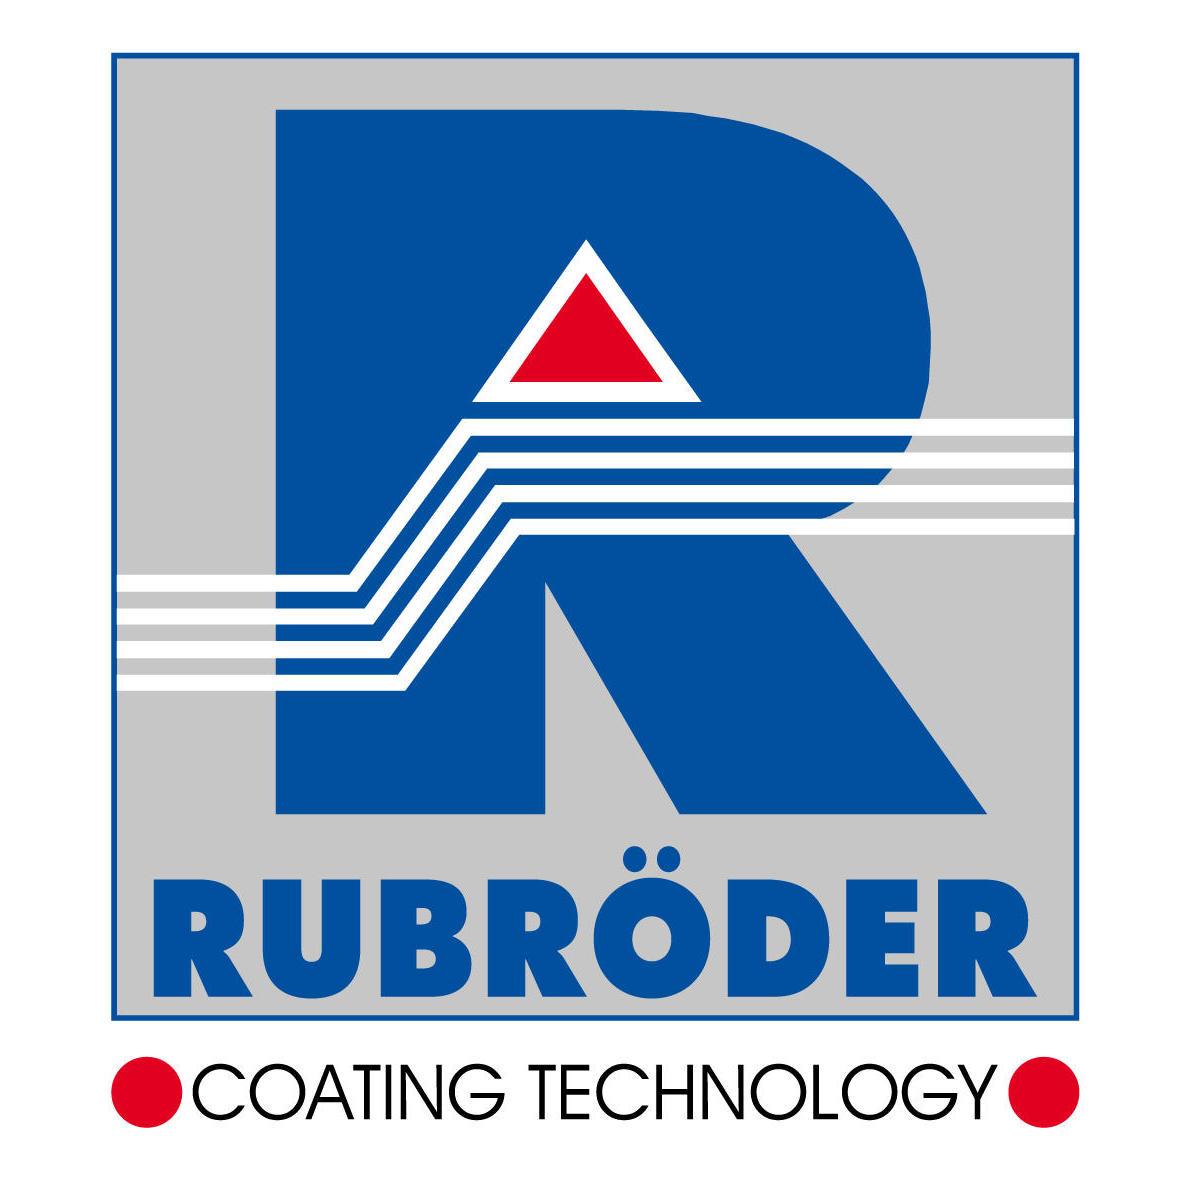 Bild zu Rubröder Coating Technology by RUBRÖDER International Trading GmbH in Bendorf am Rhein